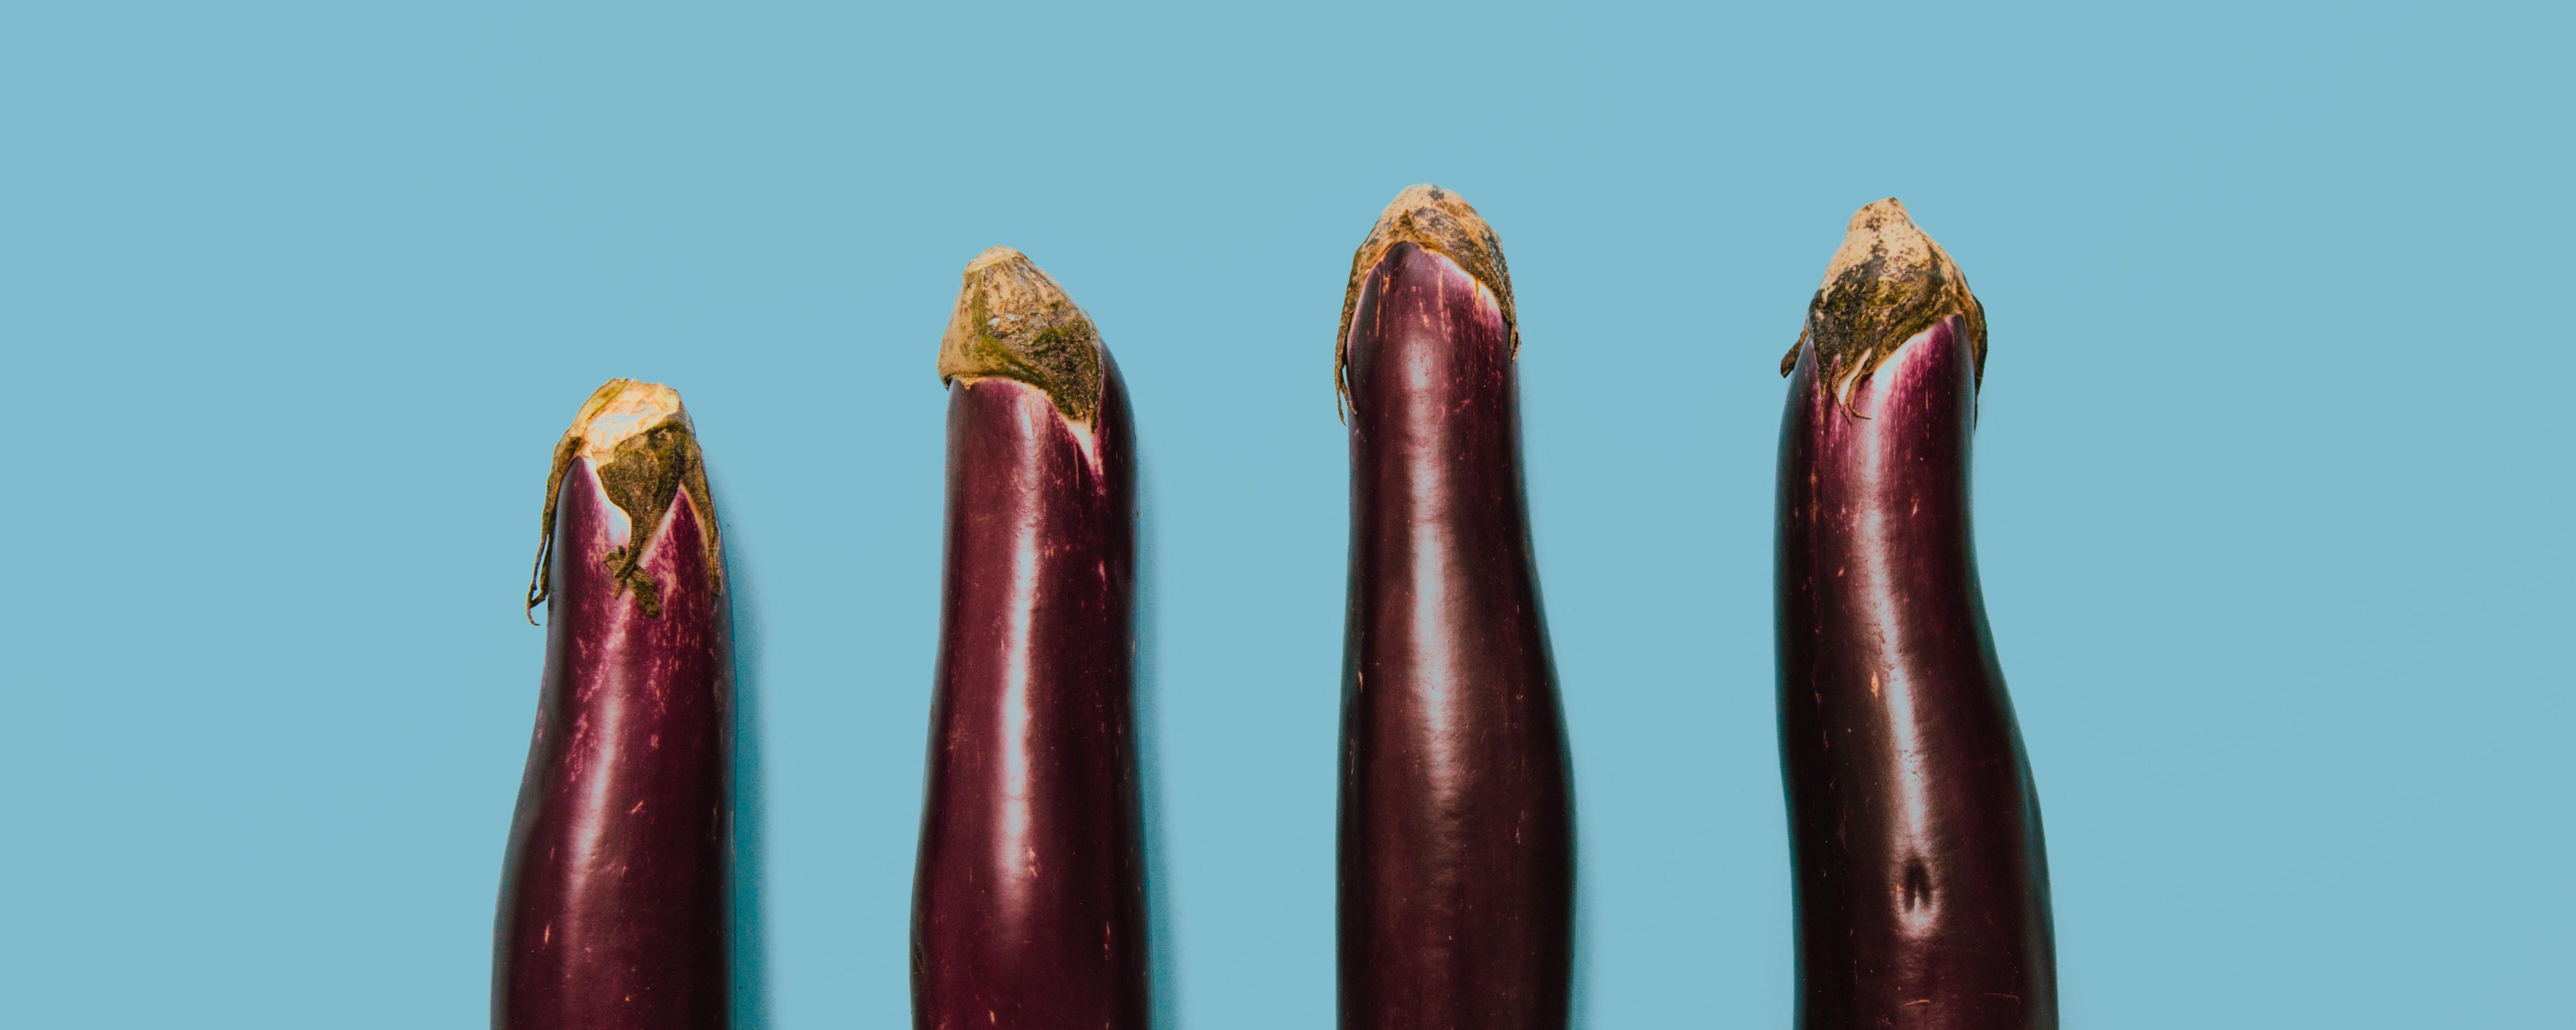 probleme cu erecția cum să- l ajute ce afectează o erecție rapidă